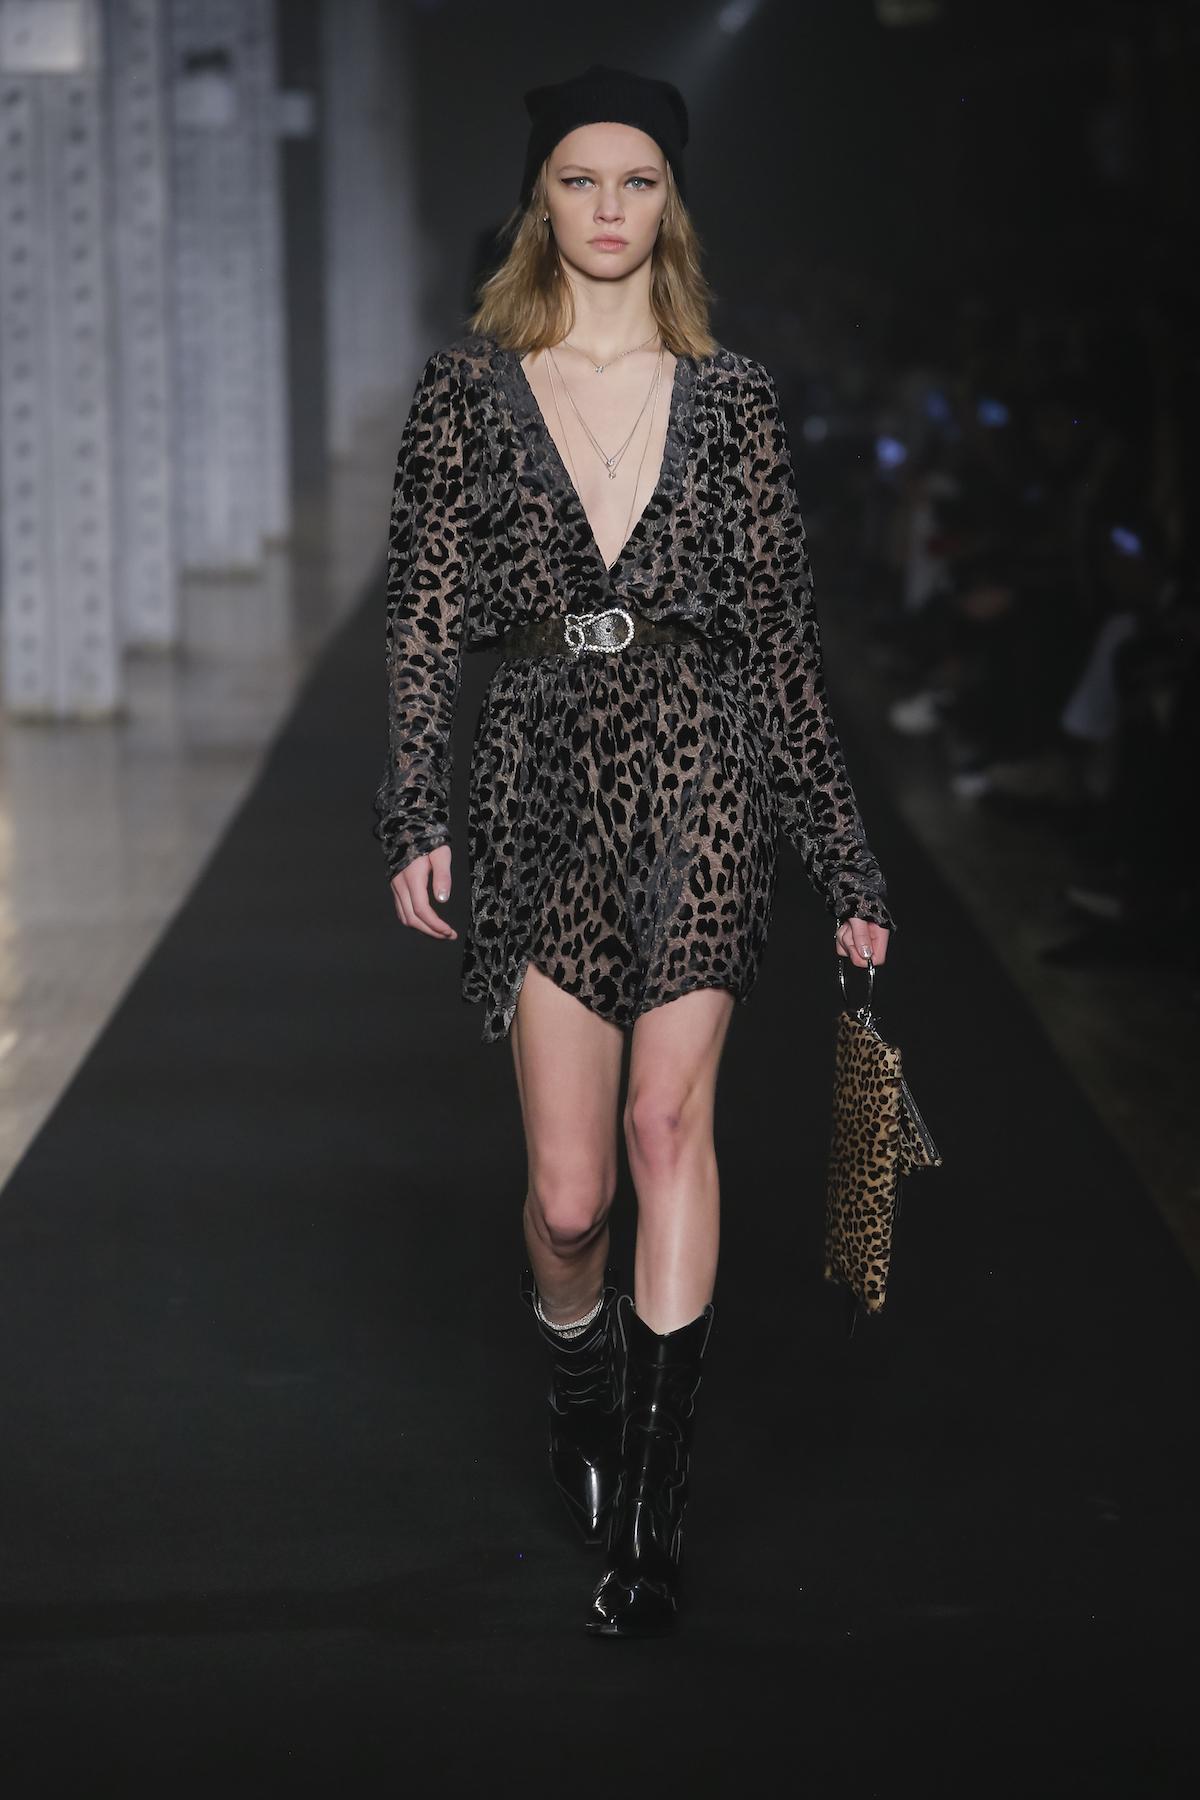 עדכני ולא מתאמץ. זאדיג אנד וולטר, סתיו-חורף 2019, שבוע האופנה של ניו יורק (צילום: יח״צ)